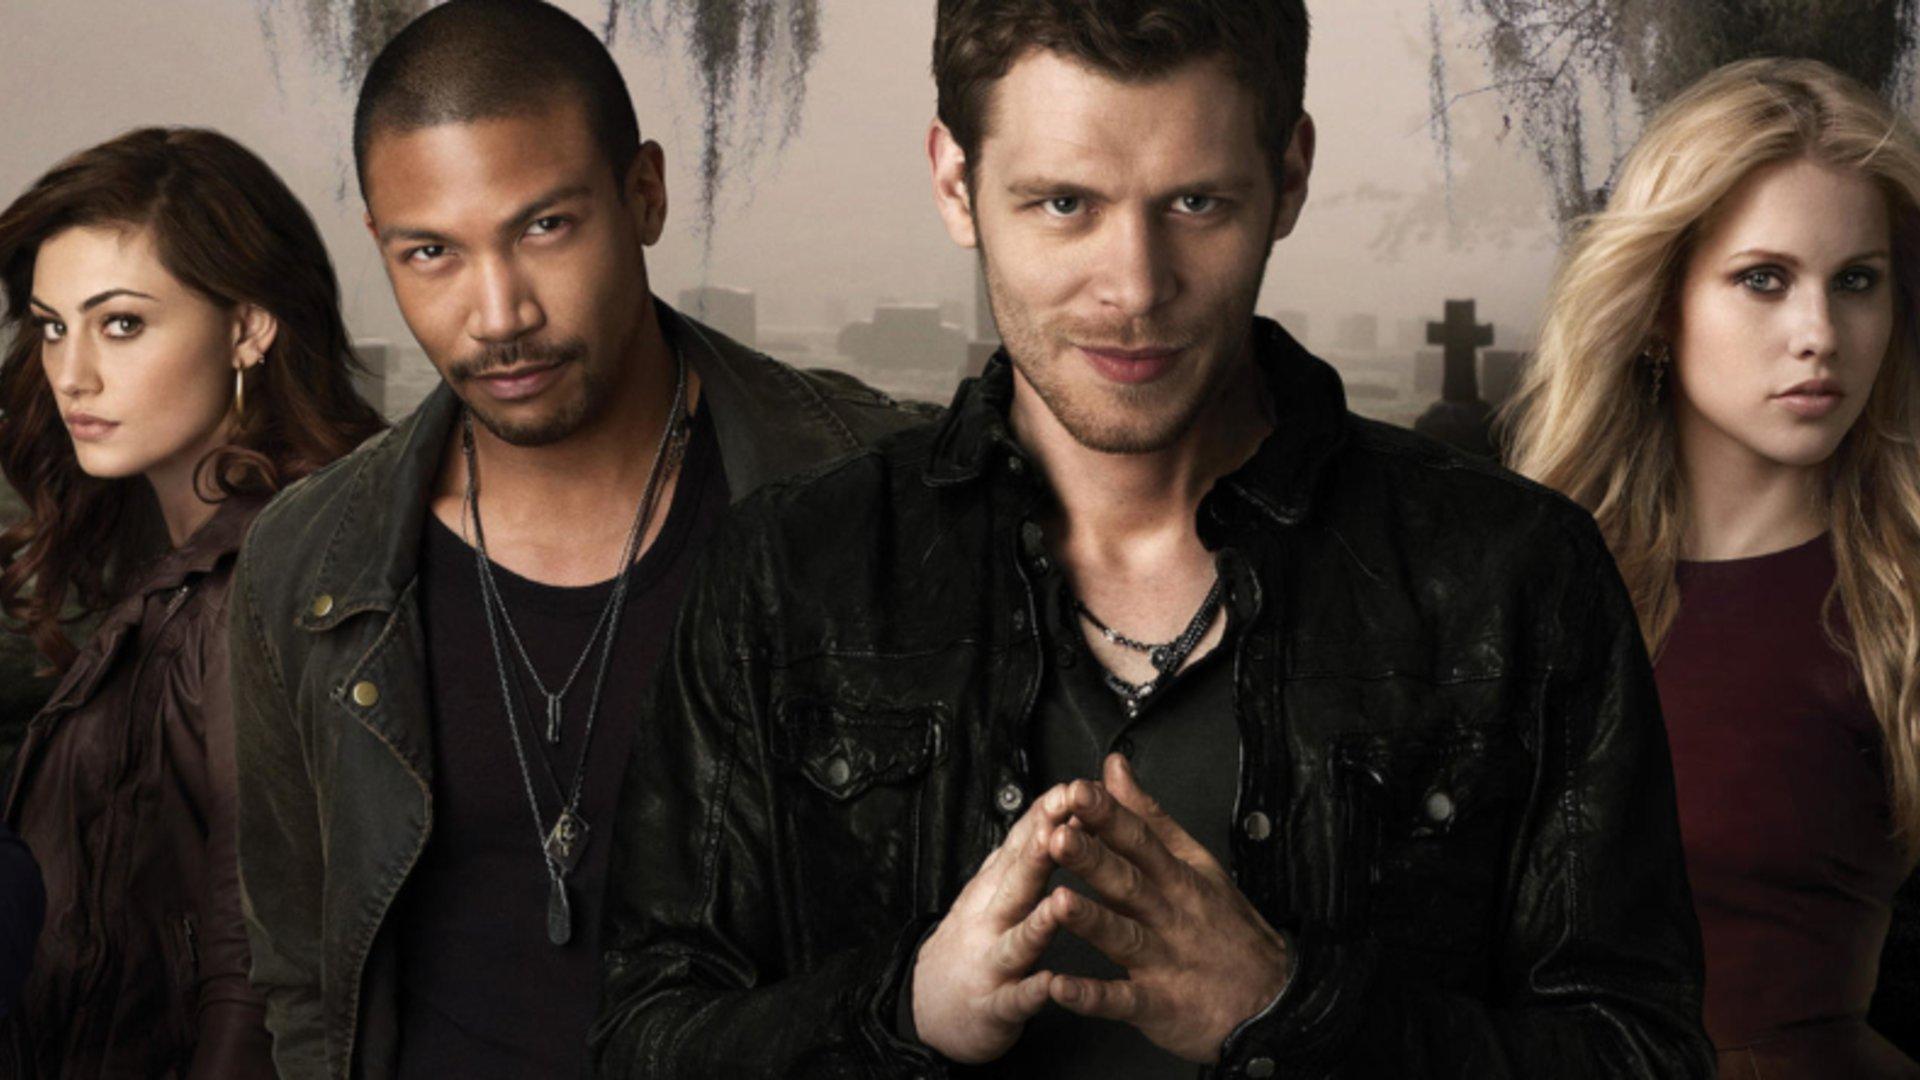 The Vampire Diaries Staffel 8 Kinox.To